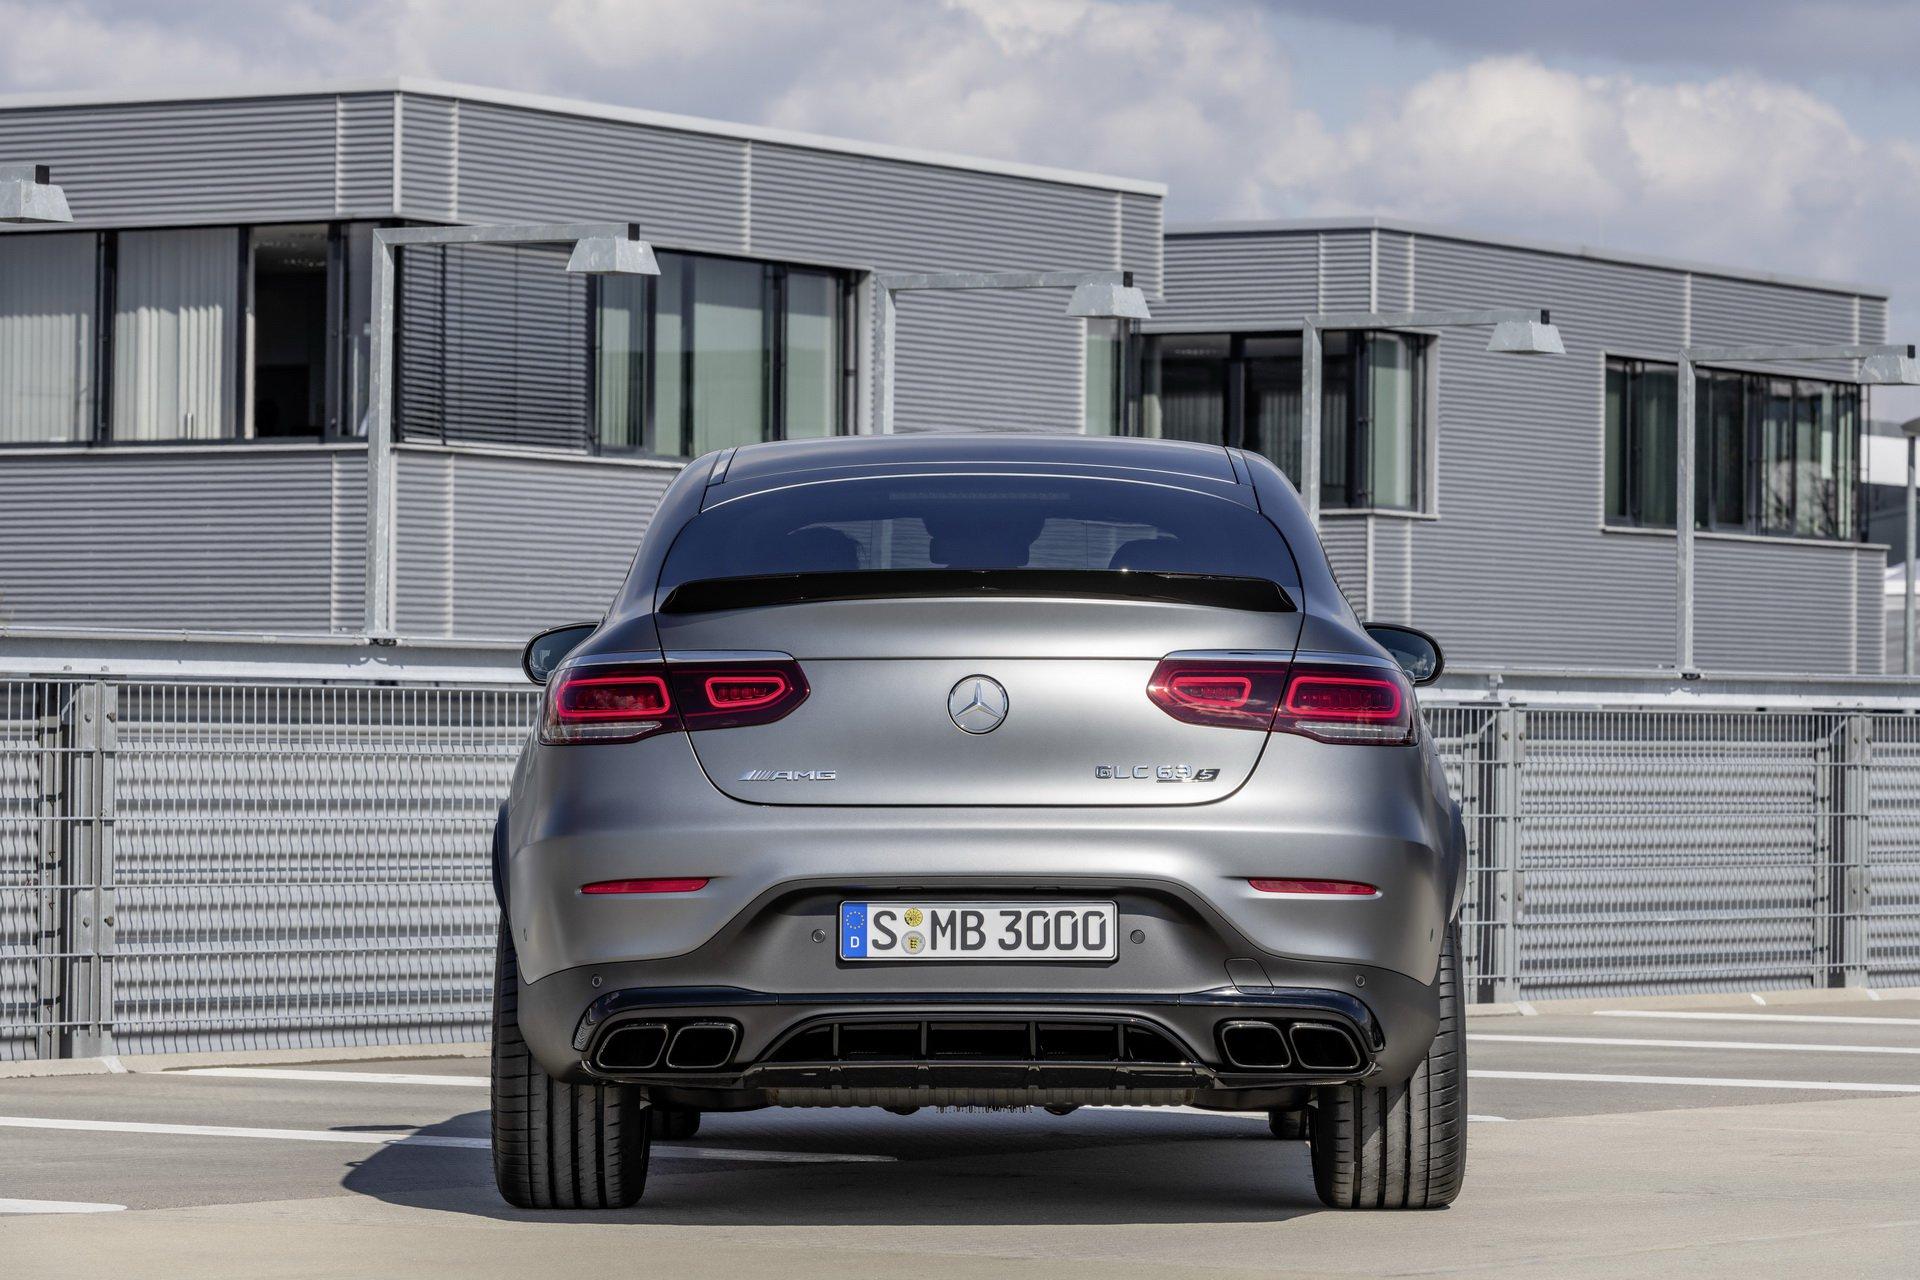 Mercedes AMG GLC 63 phiên bản mạnh nhất có giá từ 2,2 tỷ đồng tại Anh - 14